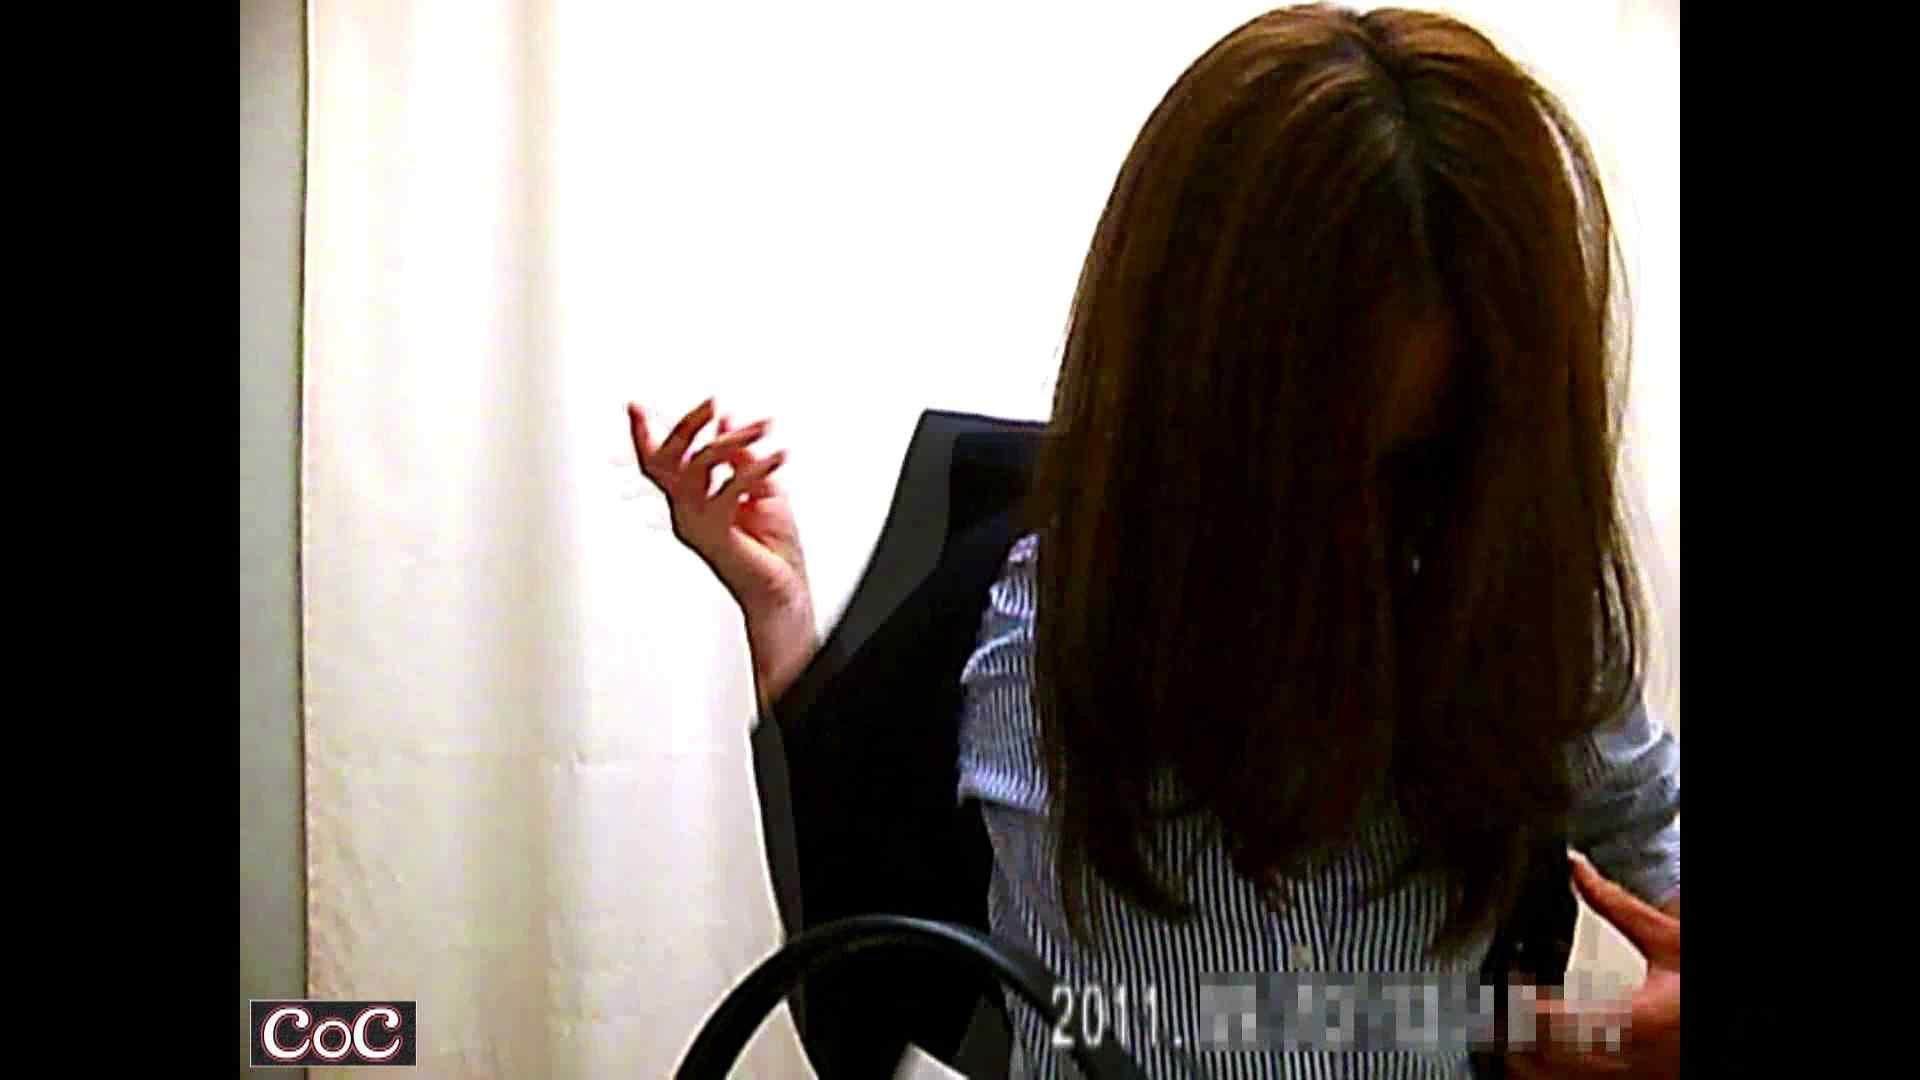 病院おもいっきり着替え! vol.24 乳首 隠し撮りすけべAV動画紹介 37pic 32